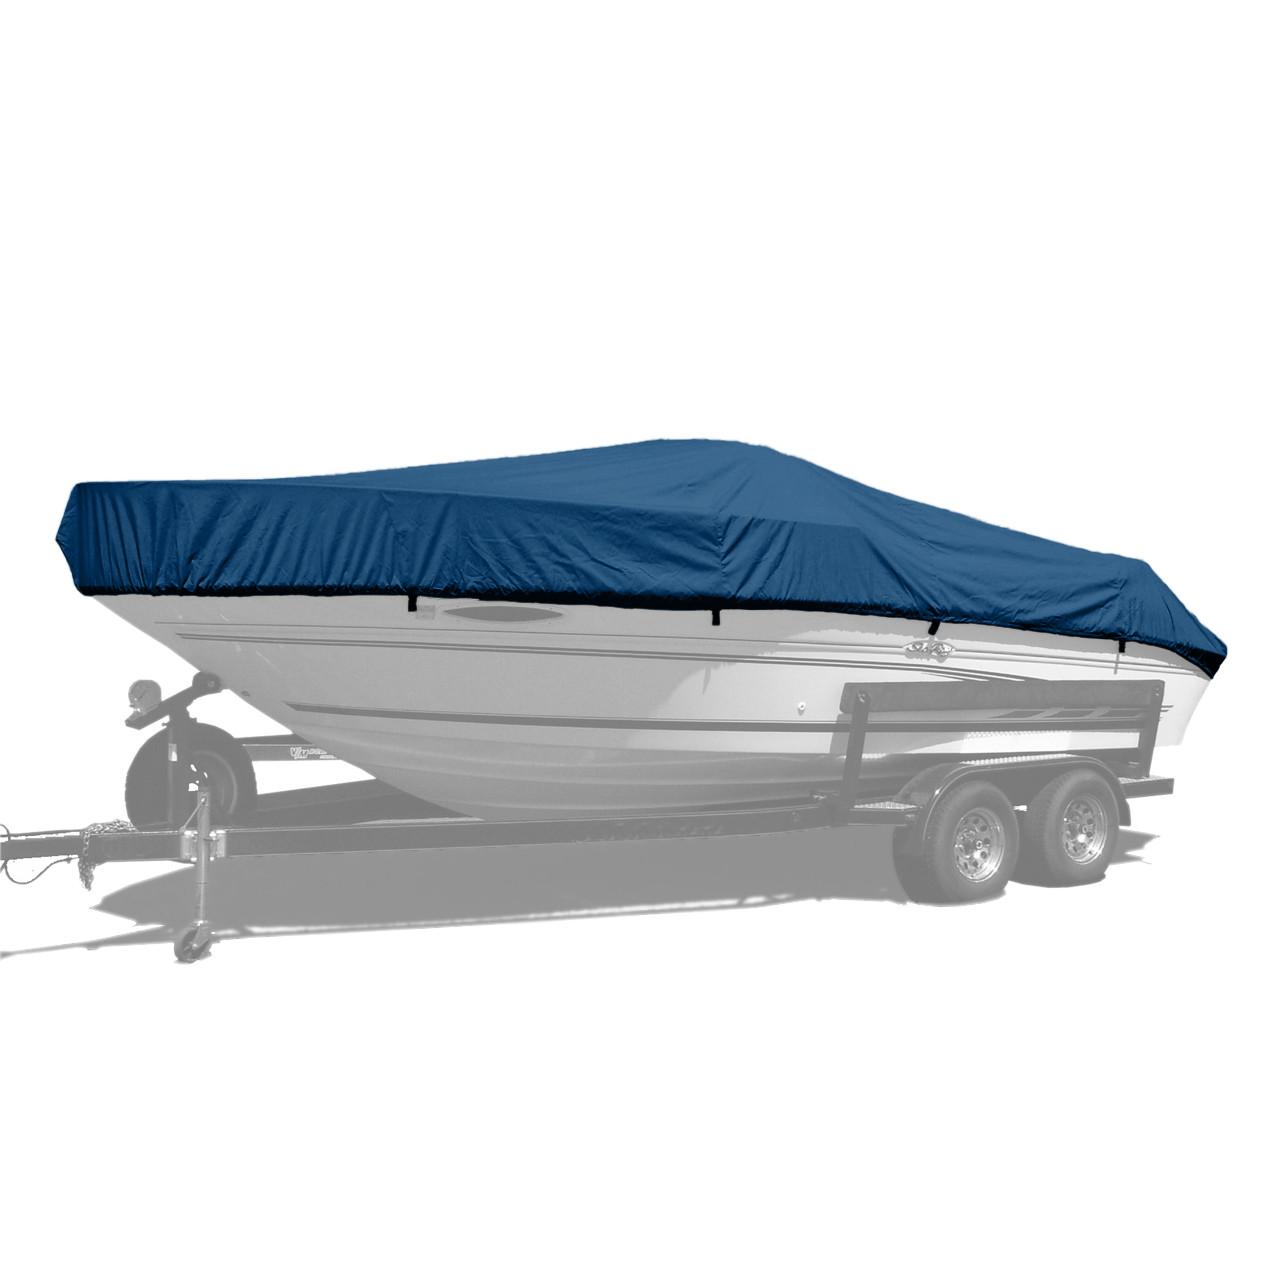 sea ray warranty 4g91 carburetor wiring diagram westland boat cover for 270 slx sunbrella sr1654a custom with royal blue tweed fabric